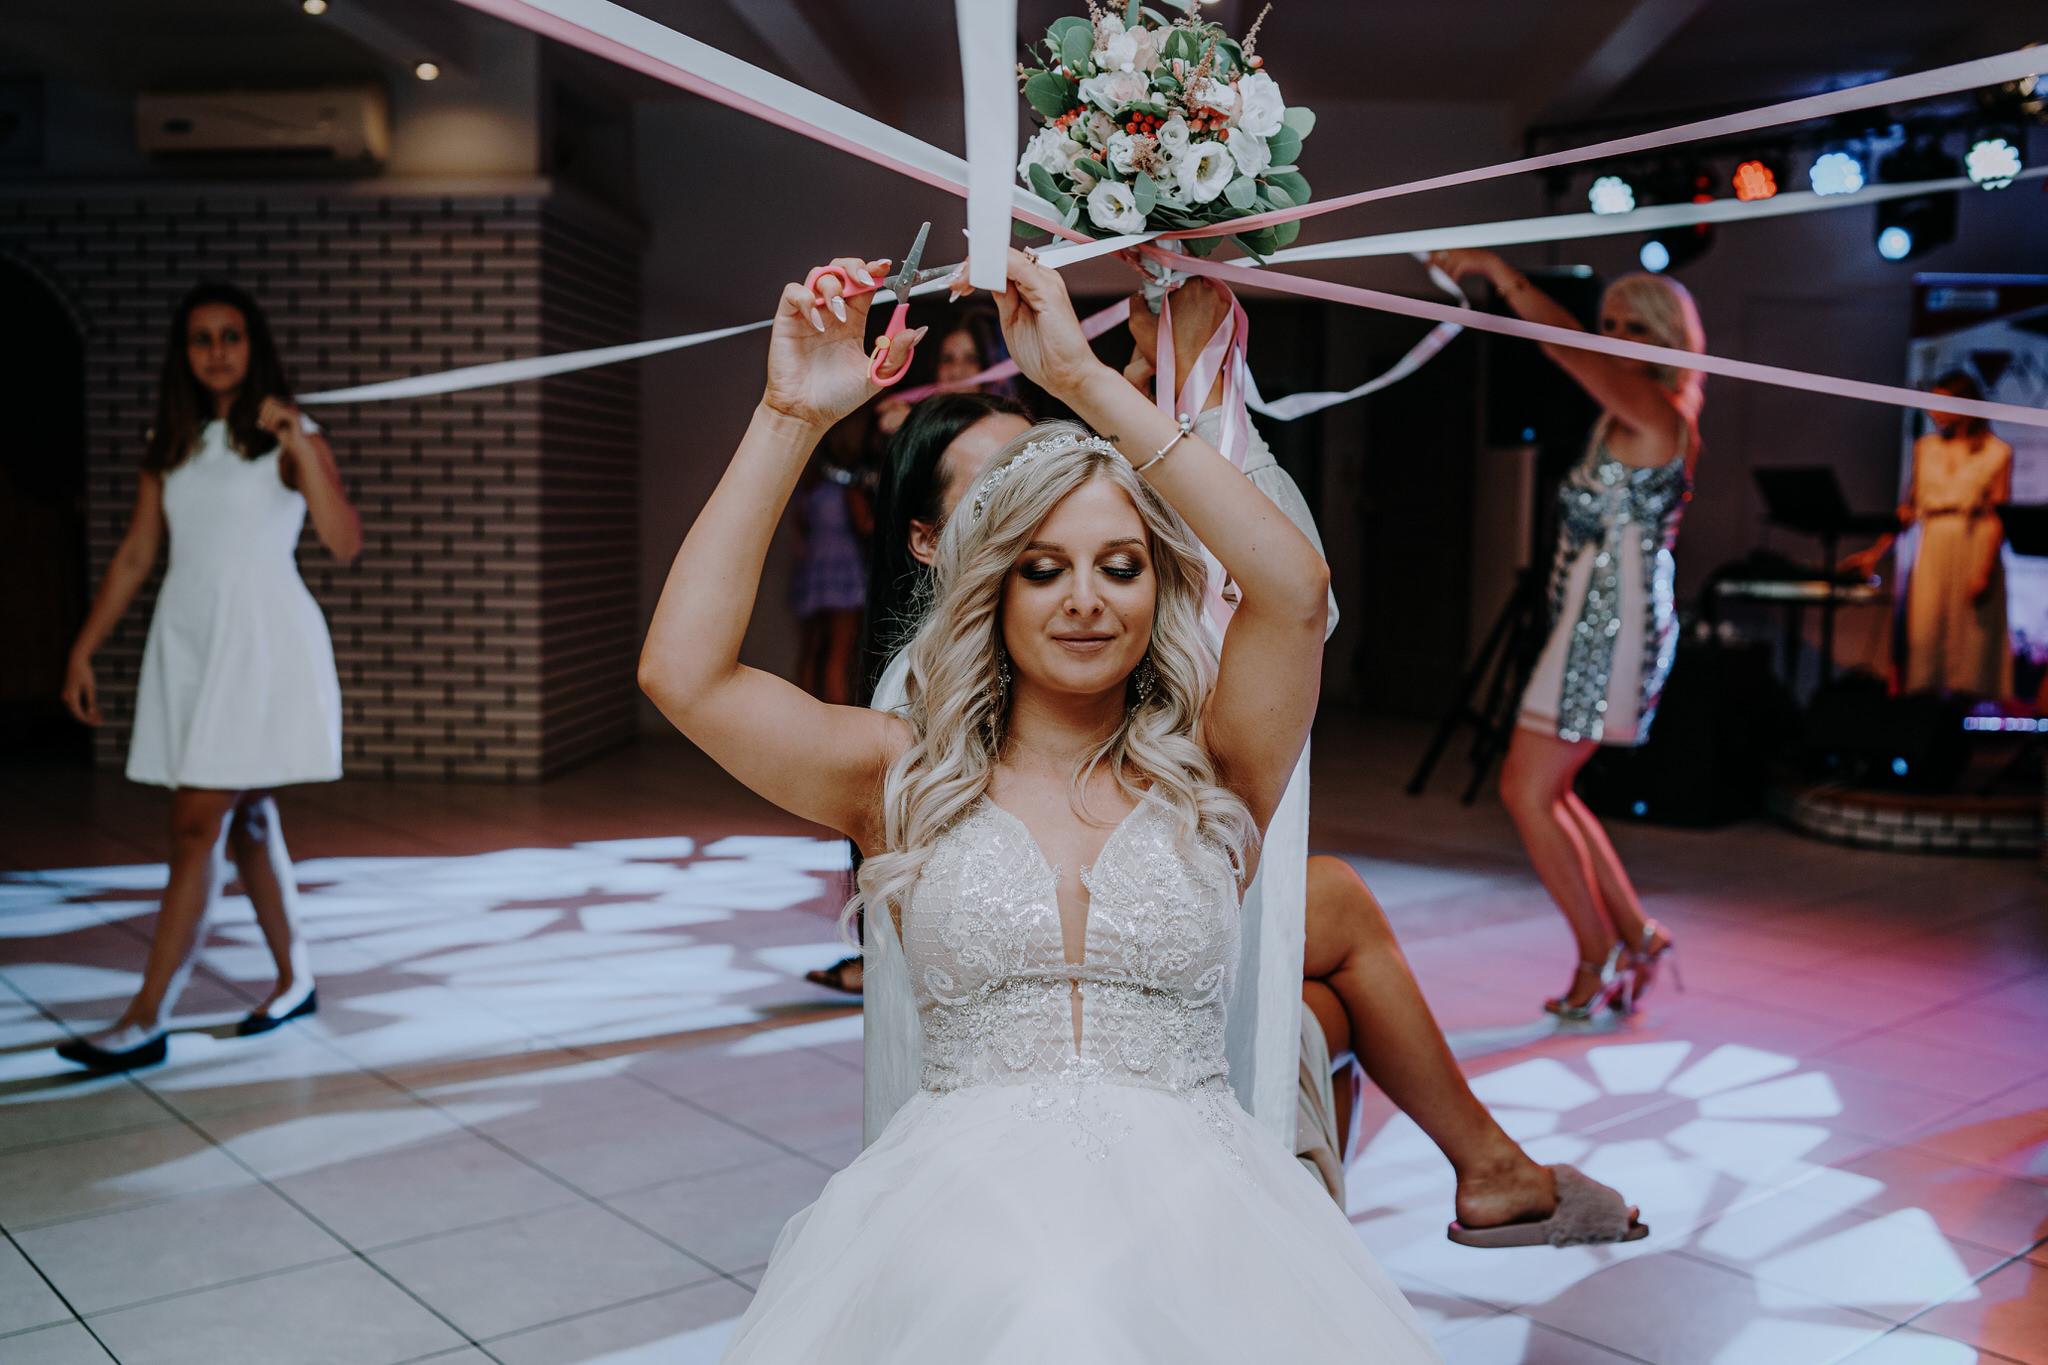 wesele paradis iga damian 267 - Wesele w stylu glamour | Lubartów | I+D | 04.09.2020